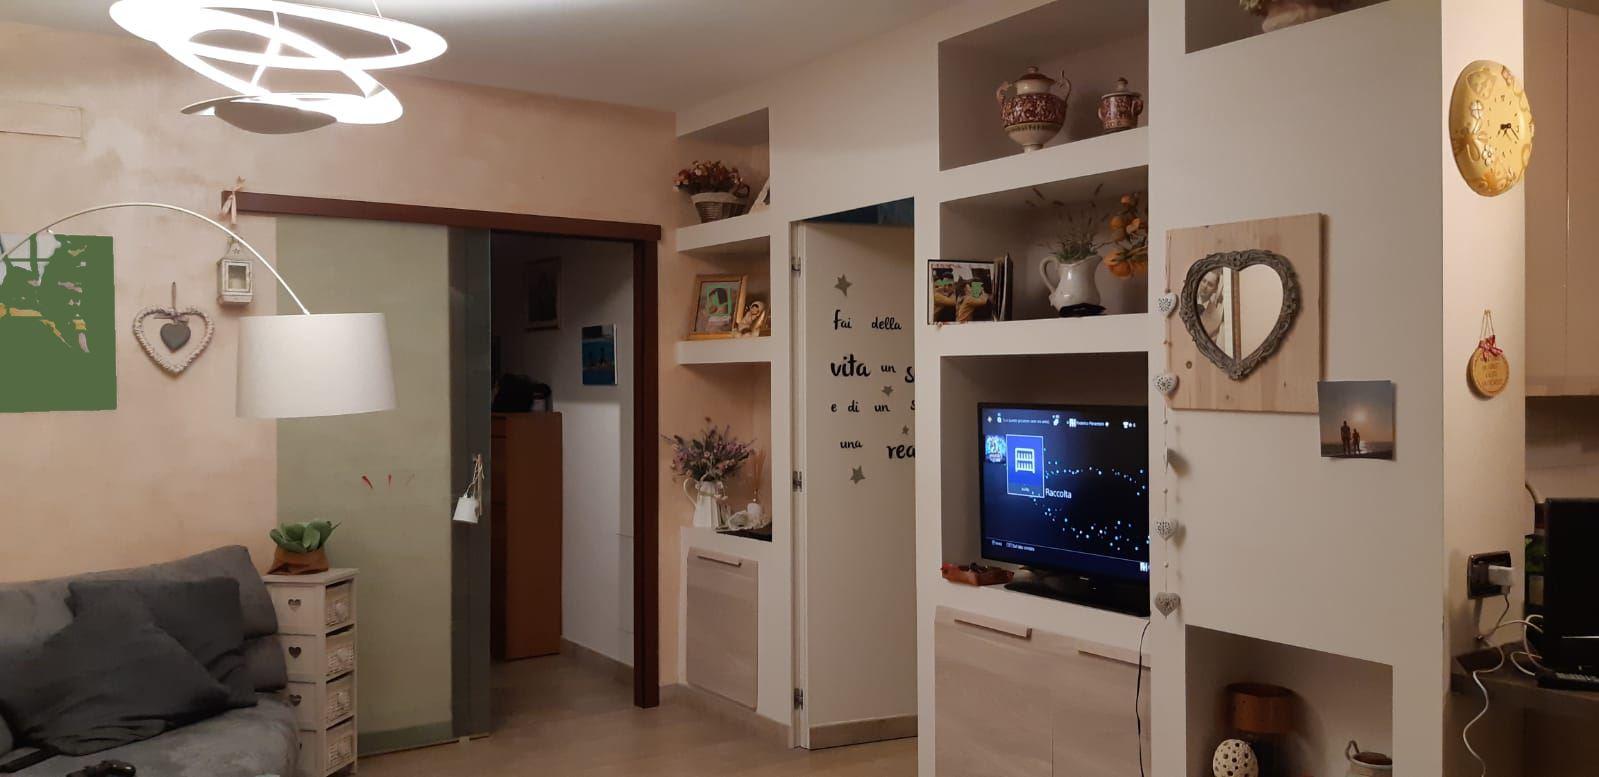 Lo Space Senza Pareti una parete in listelli in soggiorno? – rinnovare con la pietra